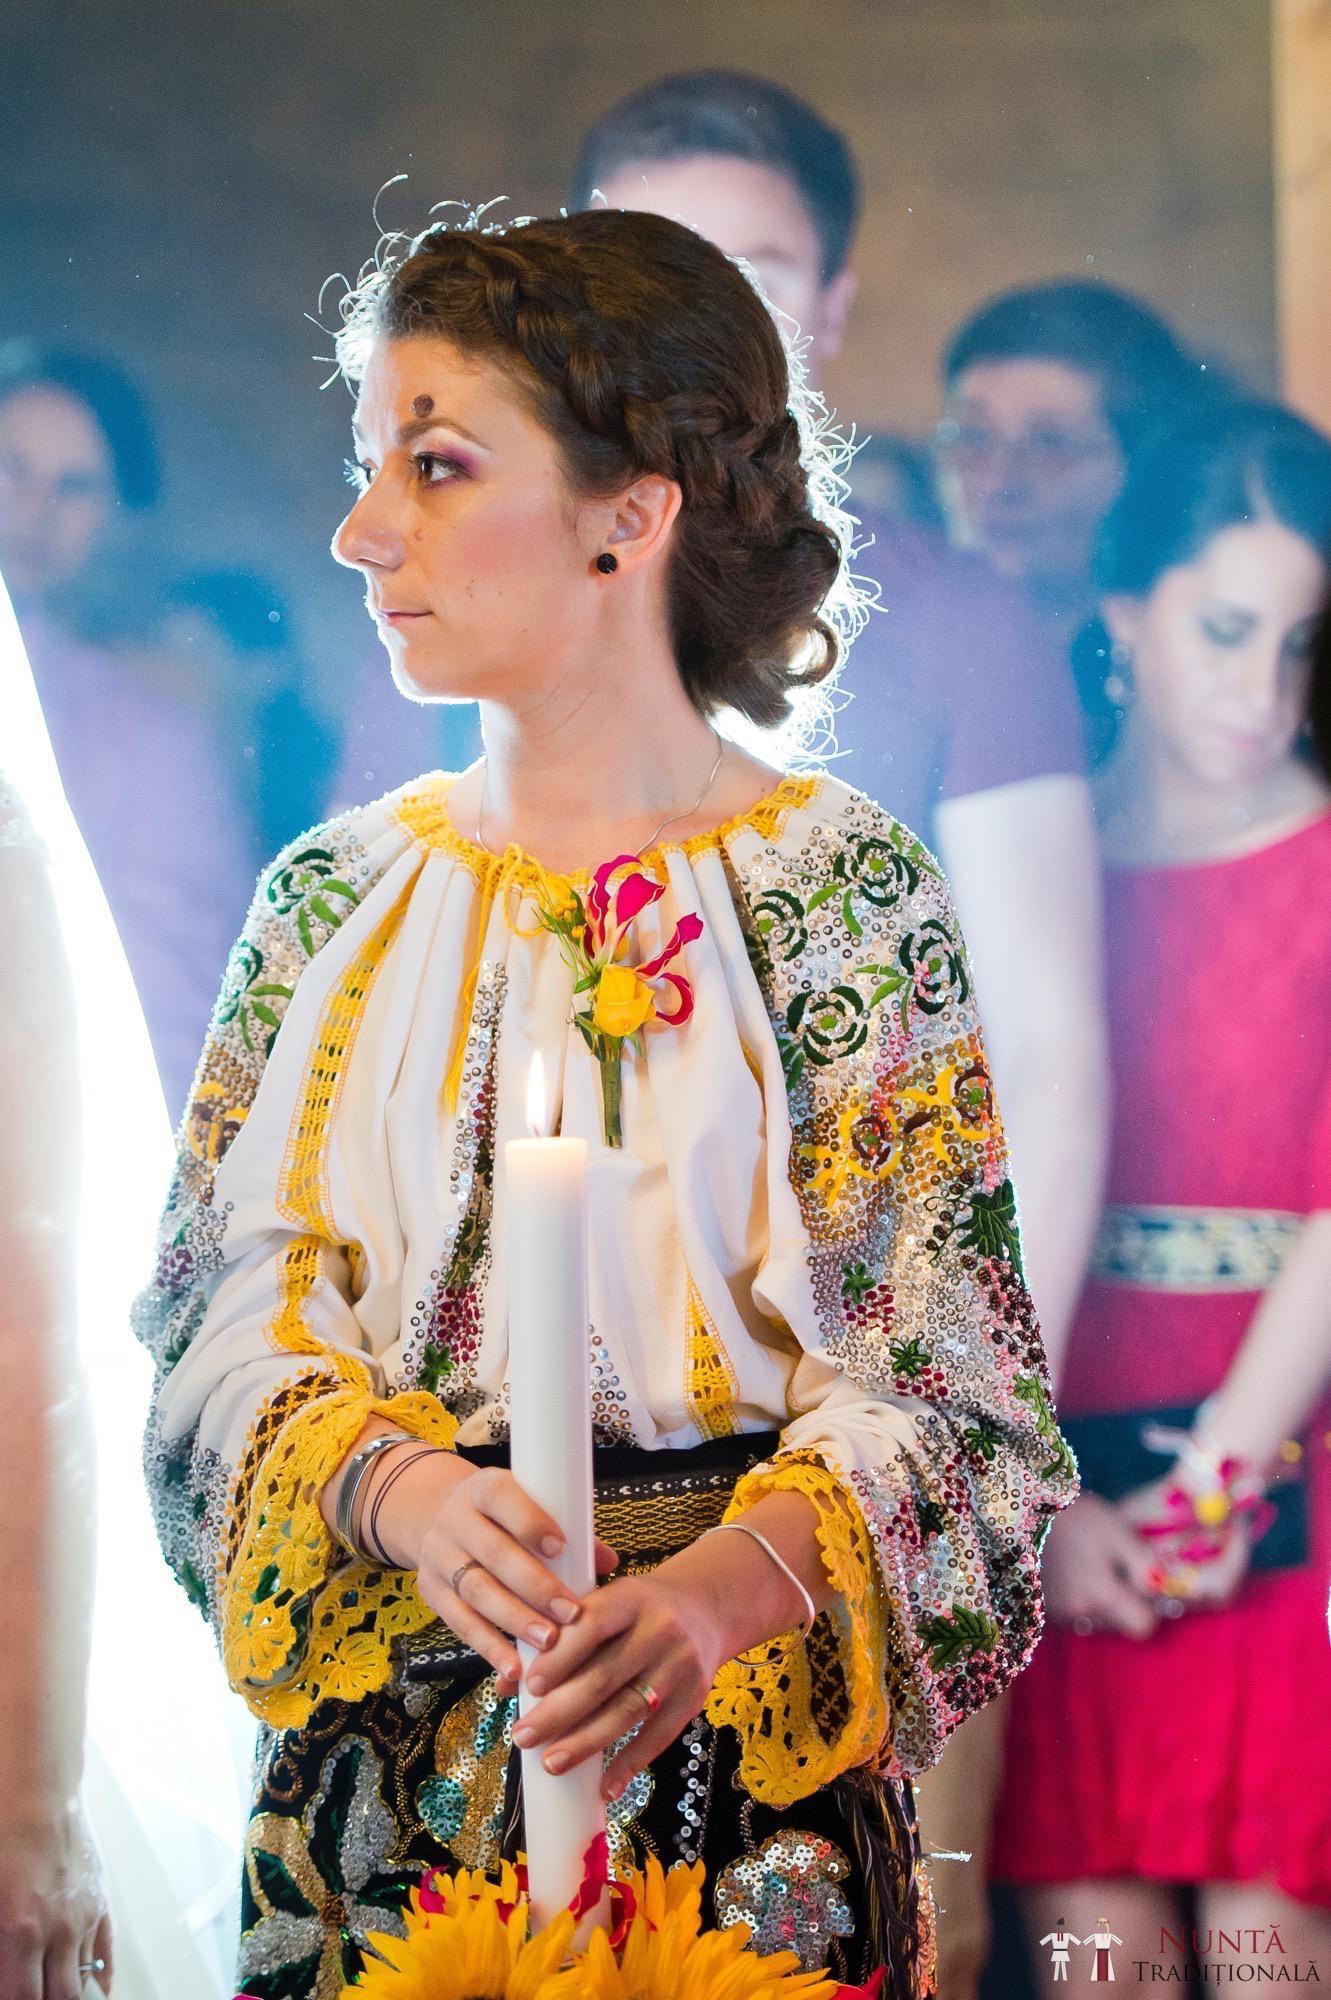 Povești Nunți Tradiționale - Gabriela și Mădălin - Nuntă Tradițională în Suceava, Bucovina 61